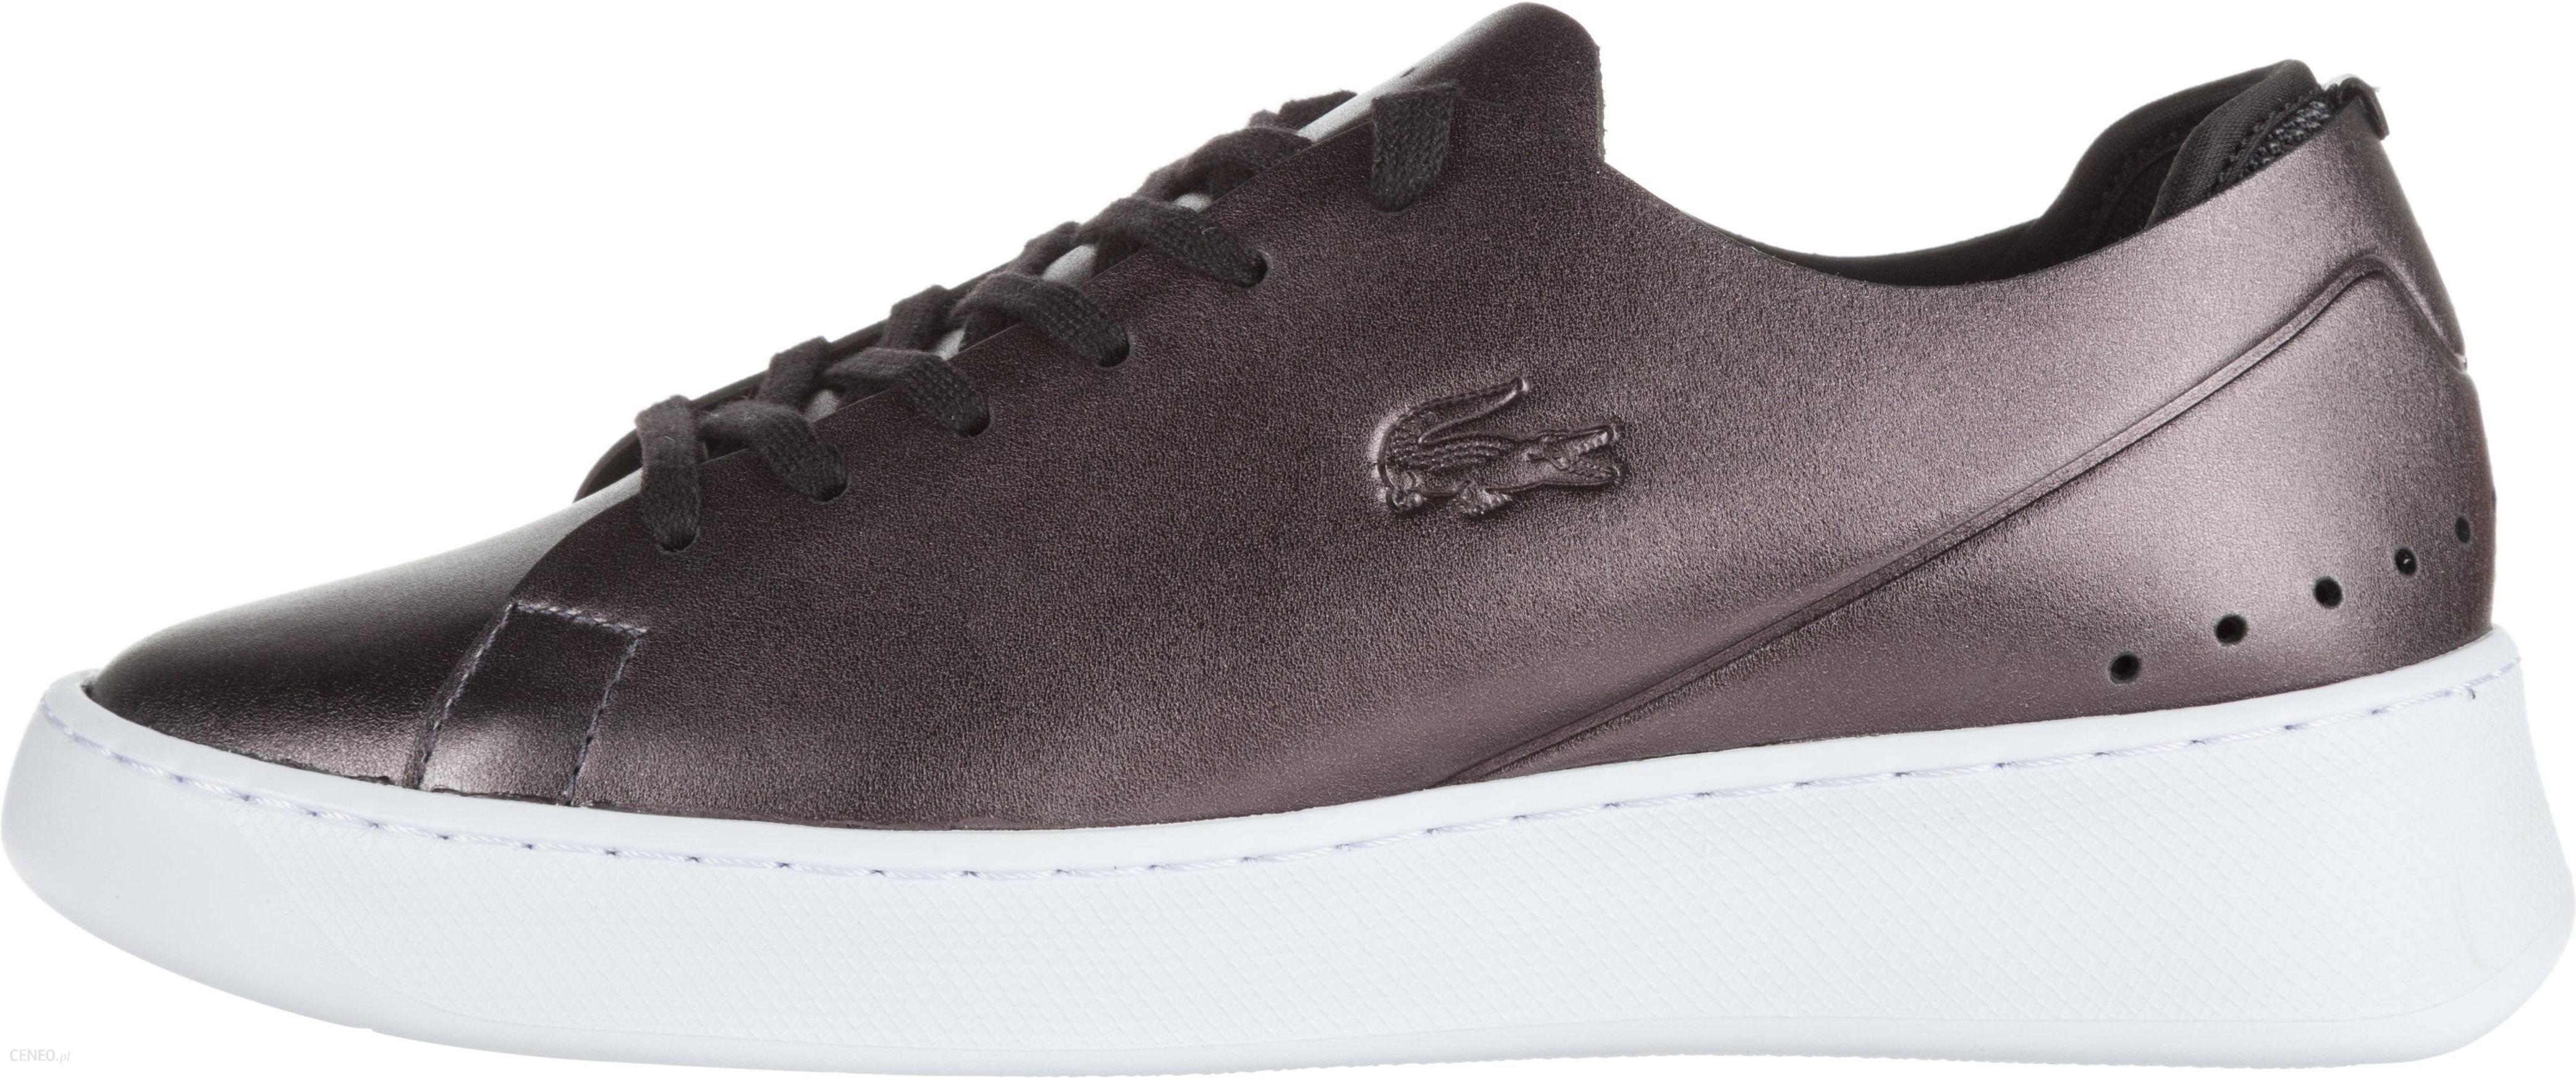 Lacoste Eyyla Sneakers Czarny 36 Ceny i opinie Ceneo.pl